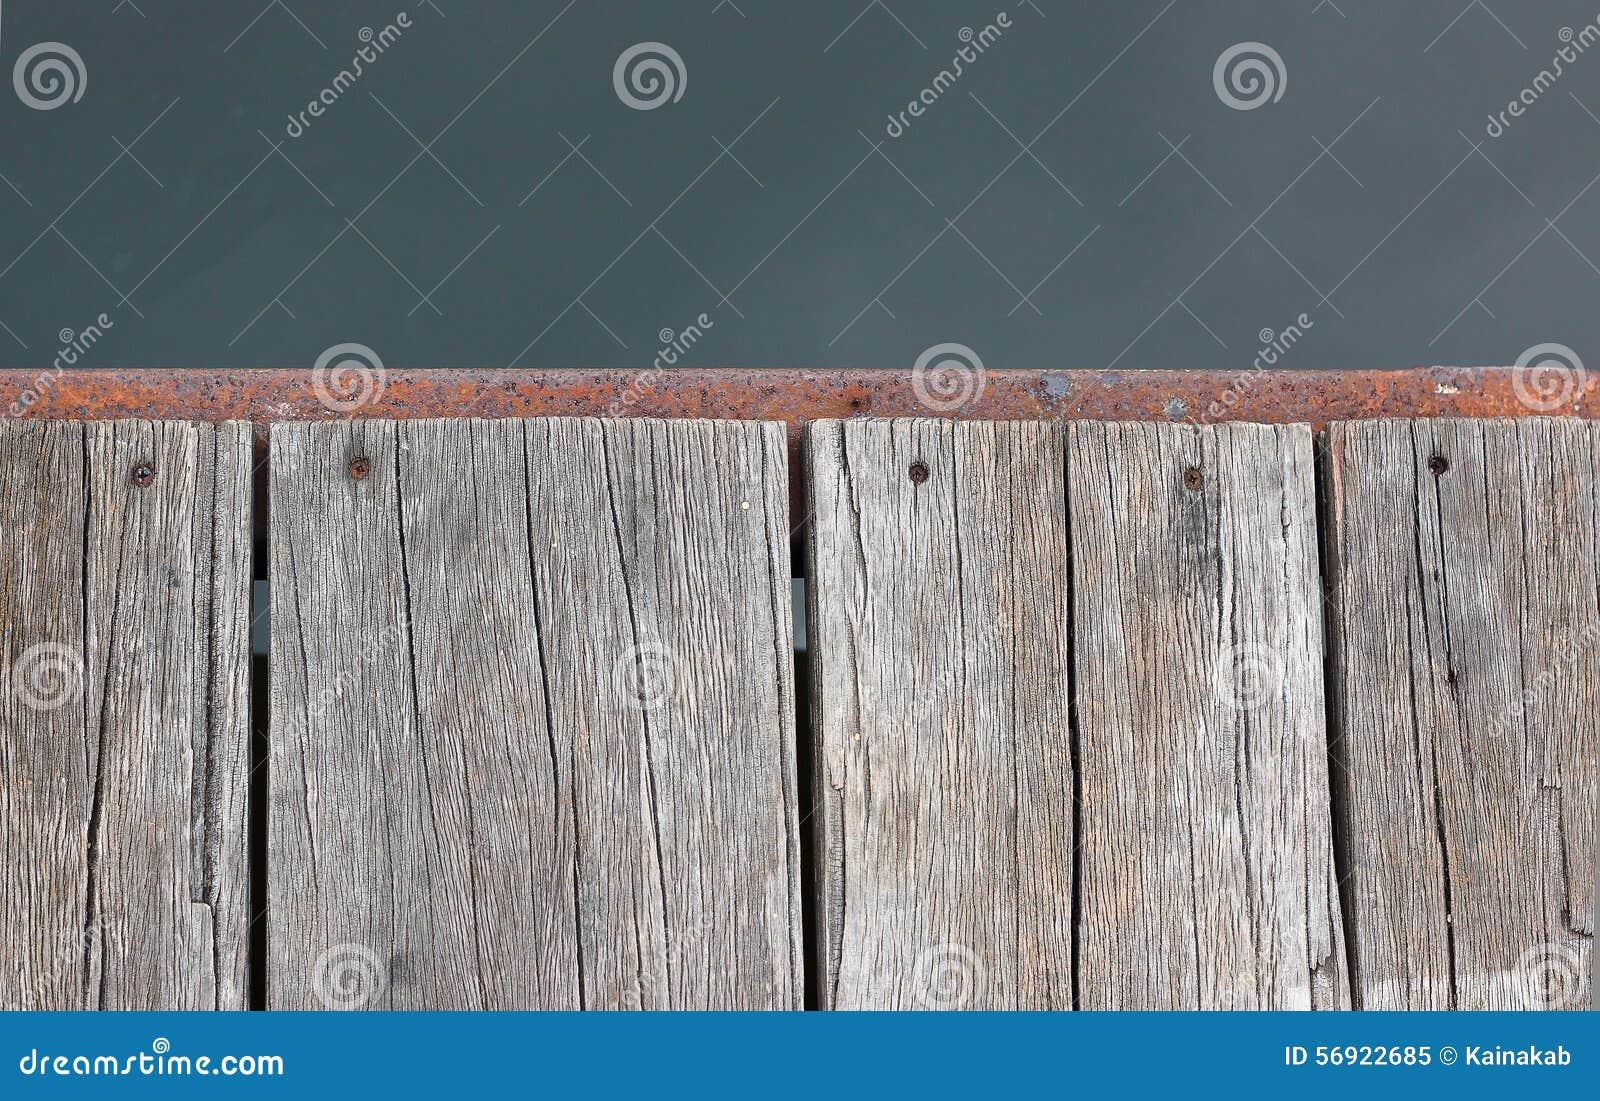 Η παλαιά ξύλινη αποβάθρα στην όχθη ποταμού είναι ενεργός